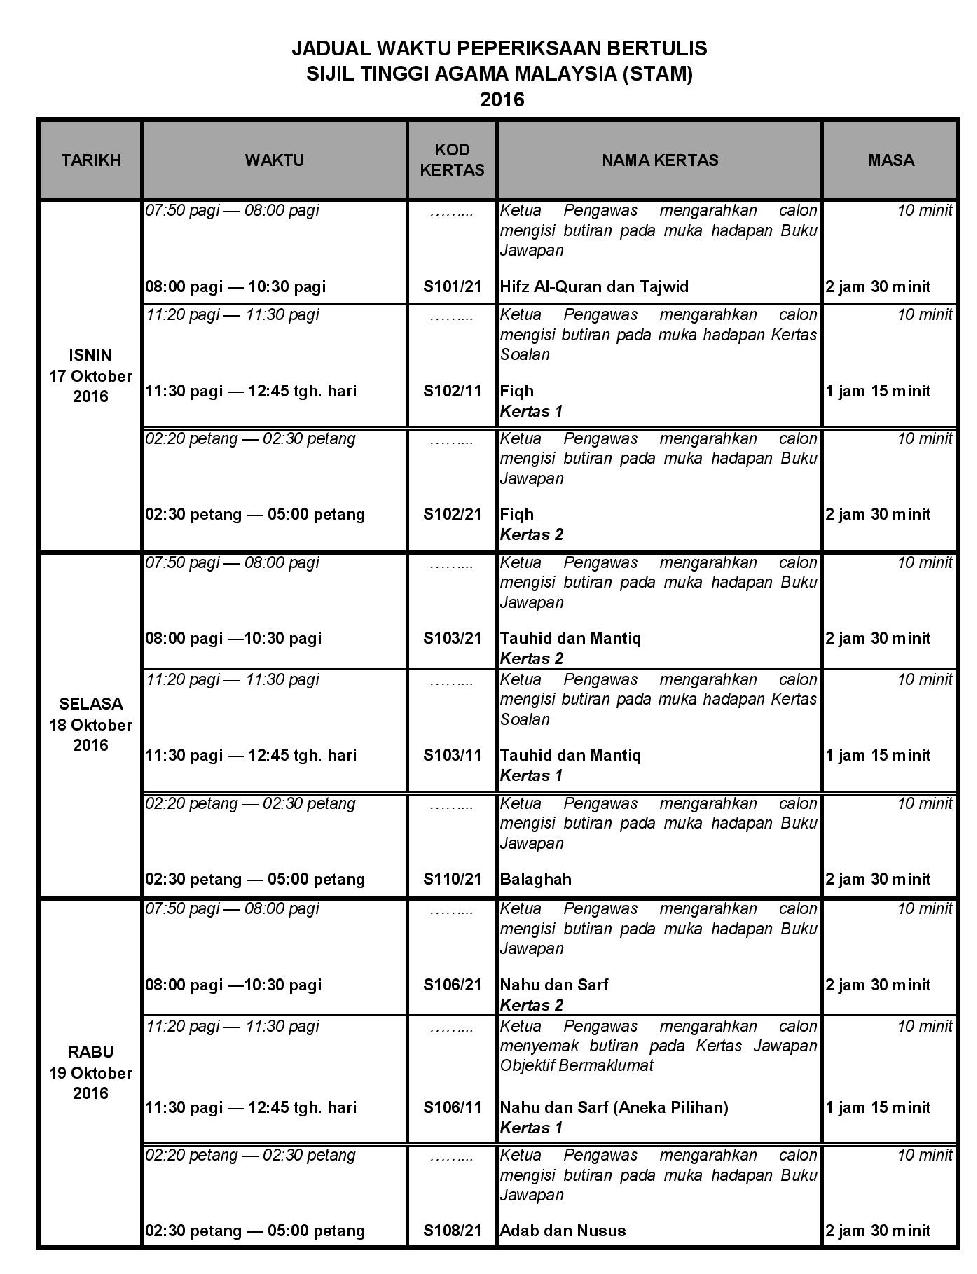 Jadual STAM 2016